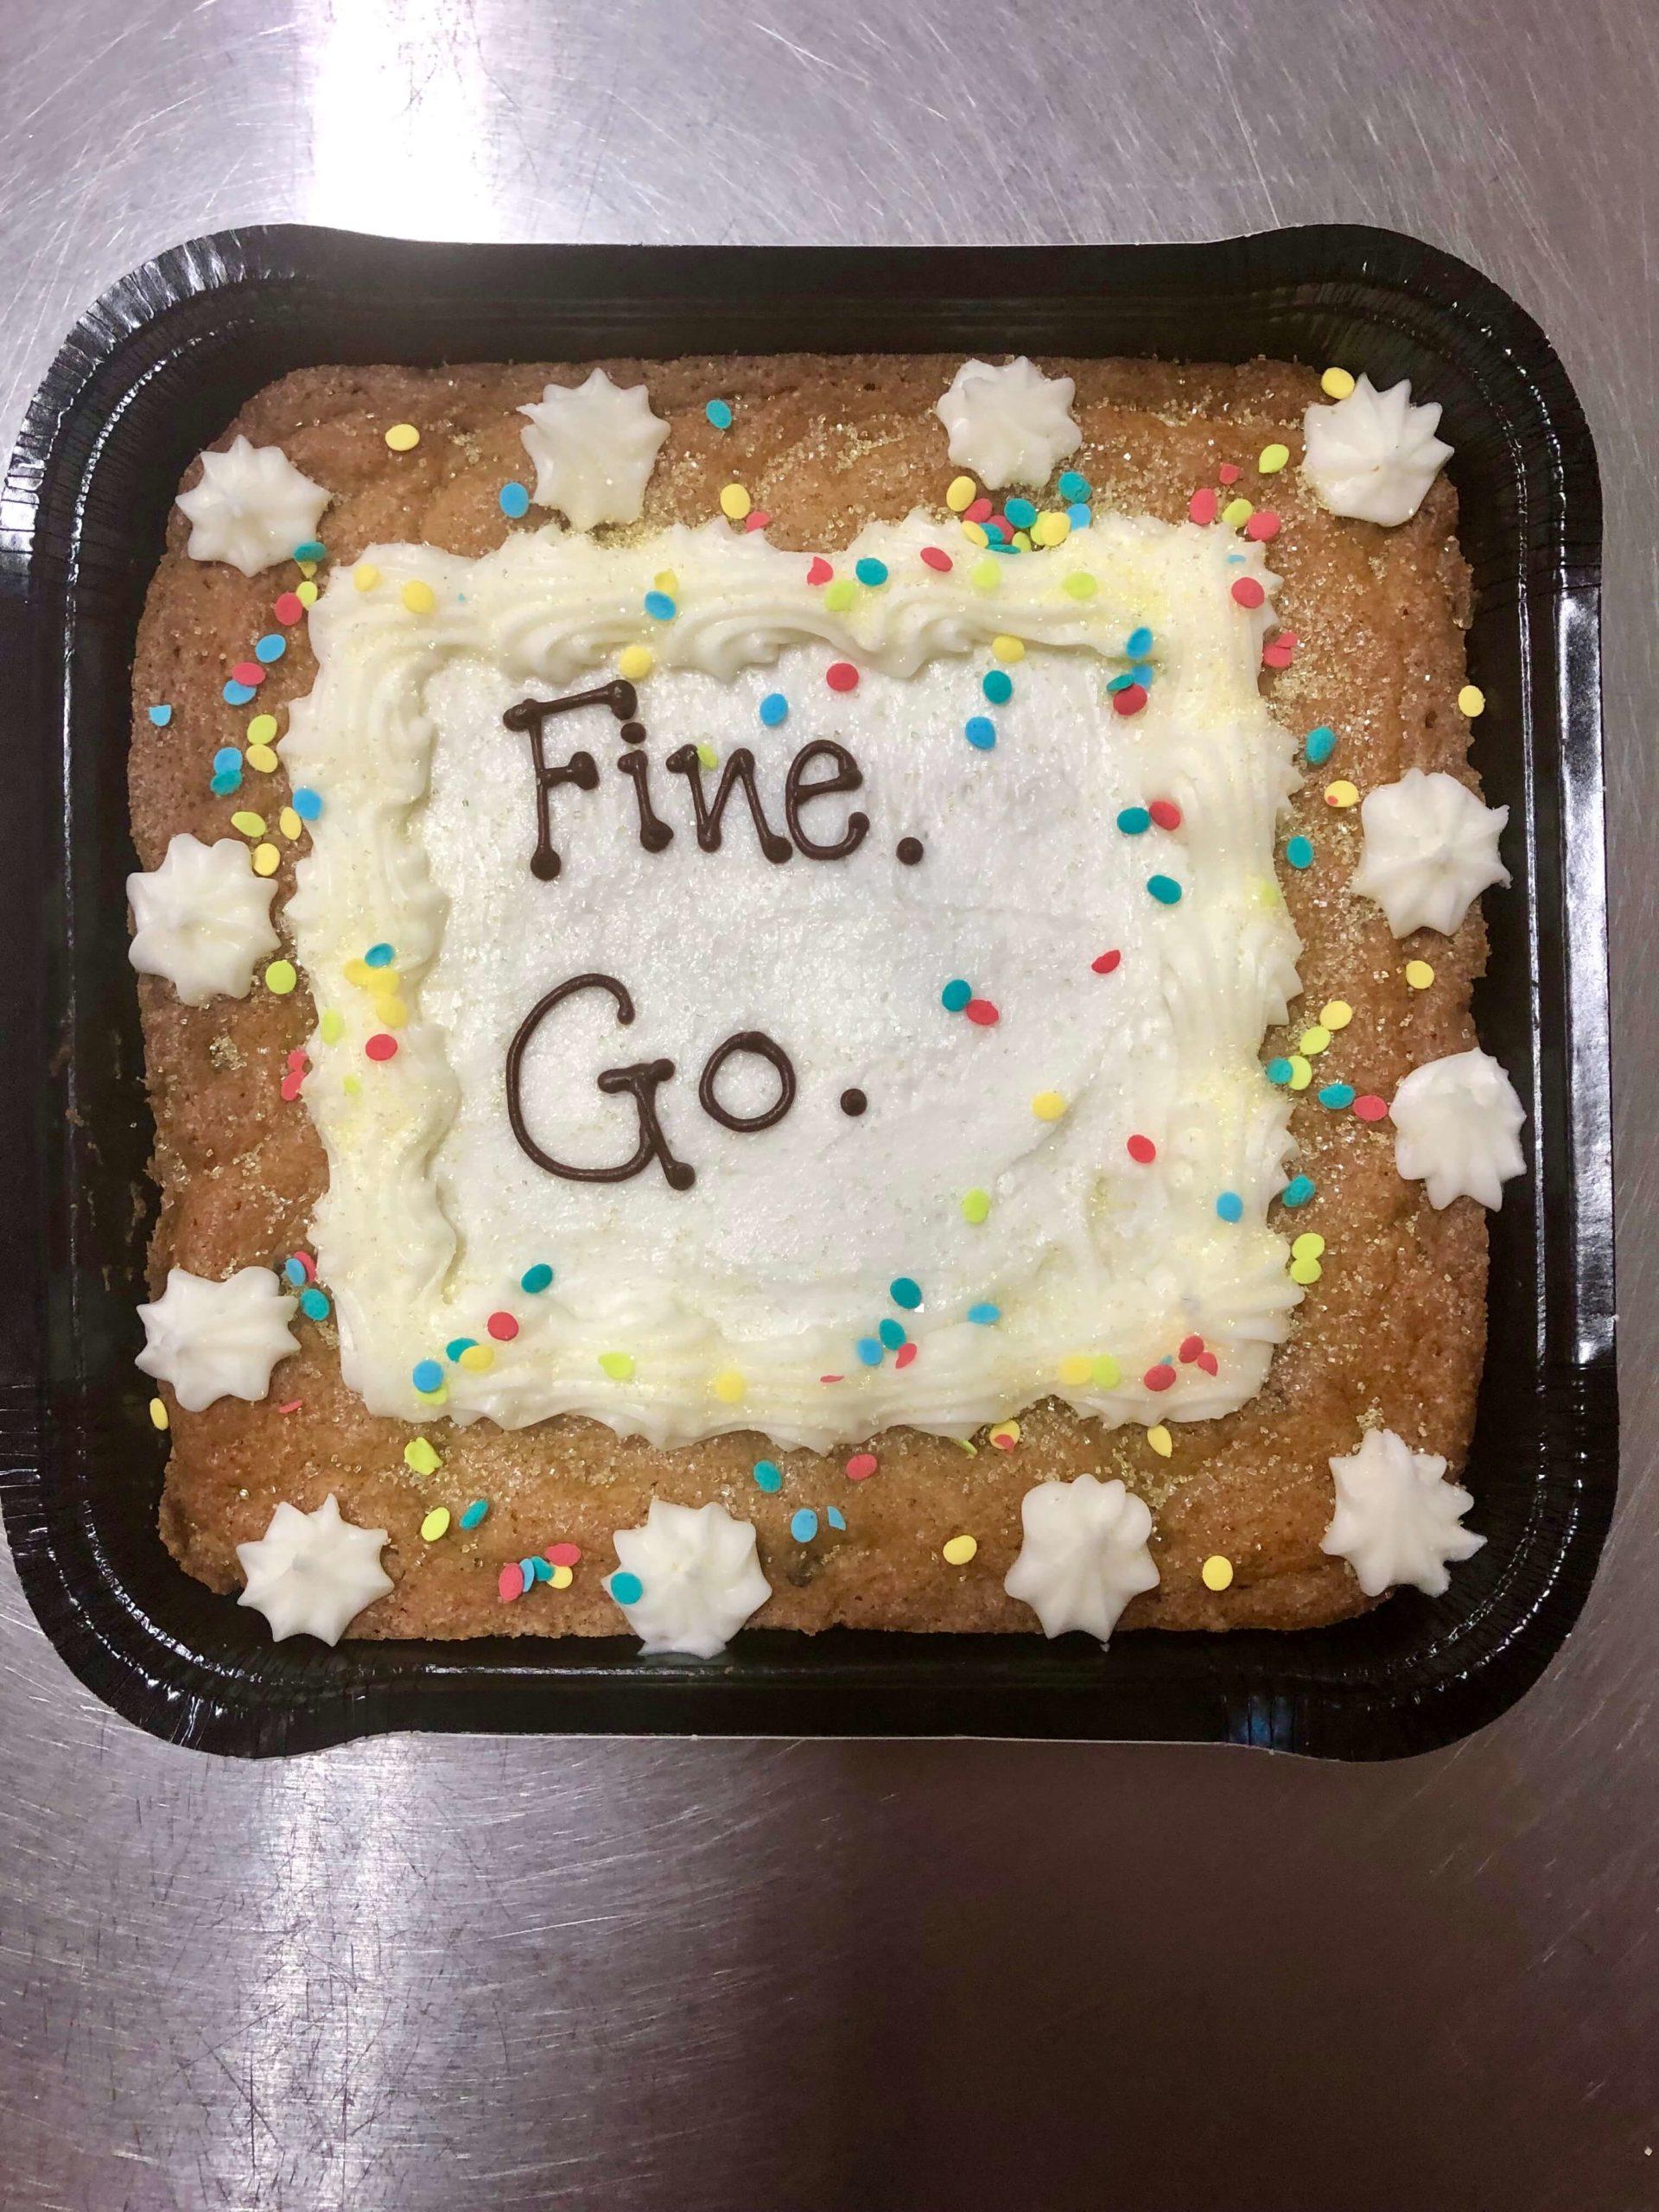 Fine. Go. CookieText